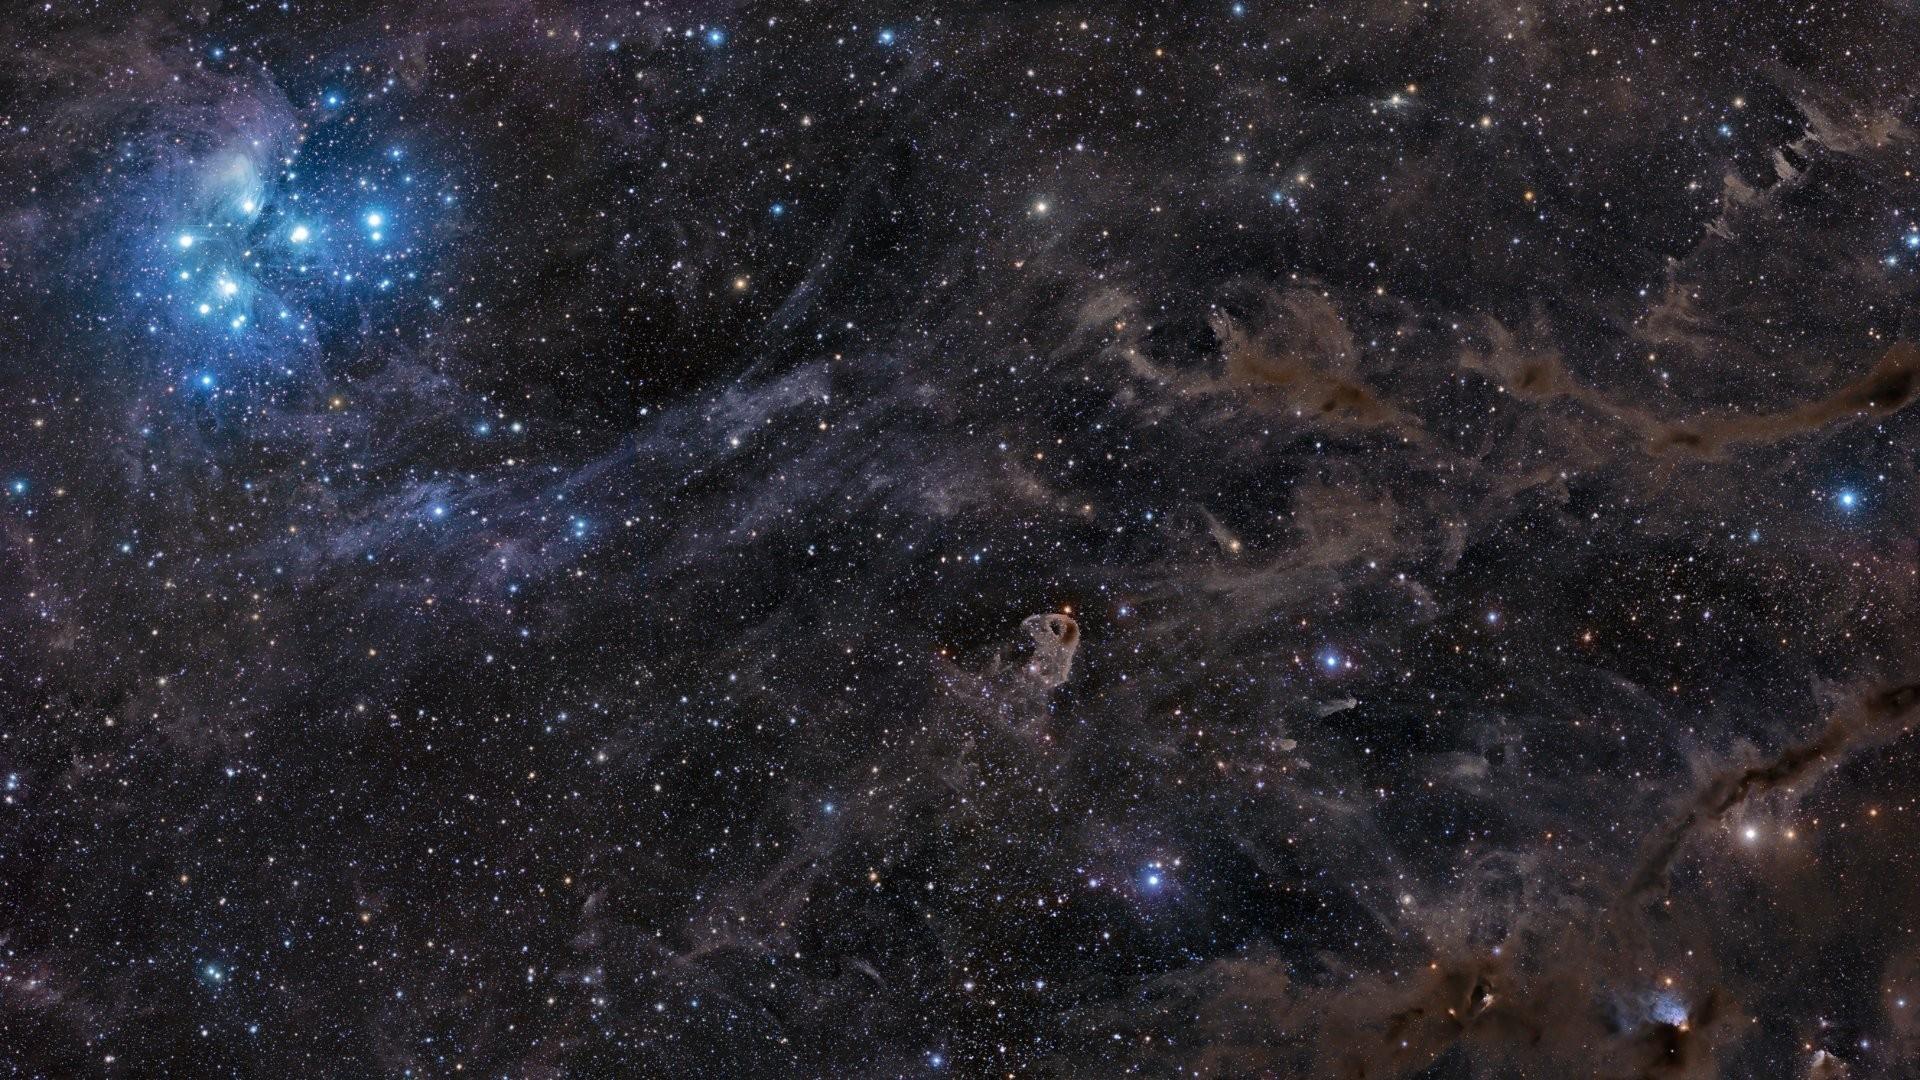 Download desktop wallpaper Photos of deep space telescope Hubble